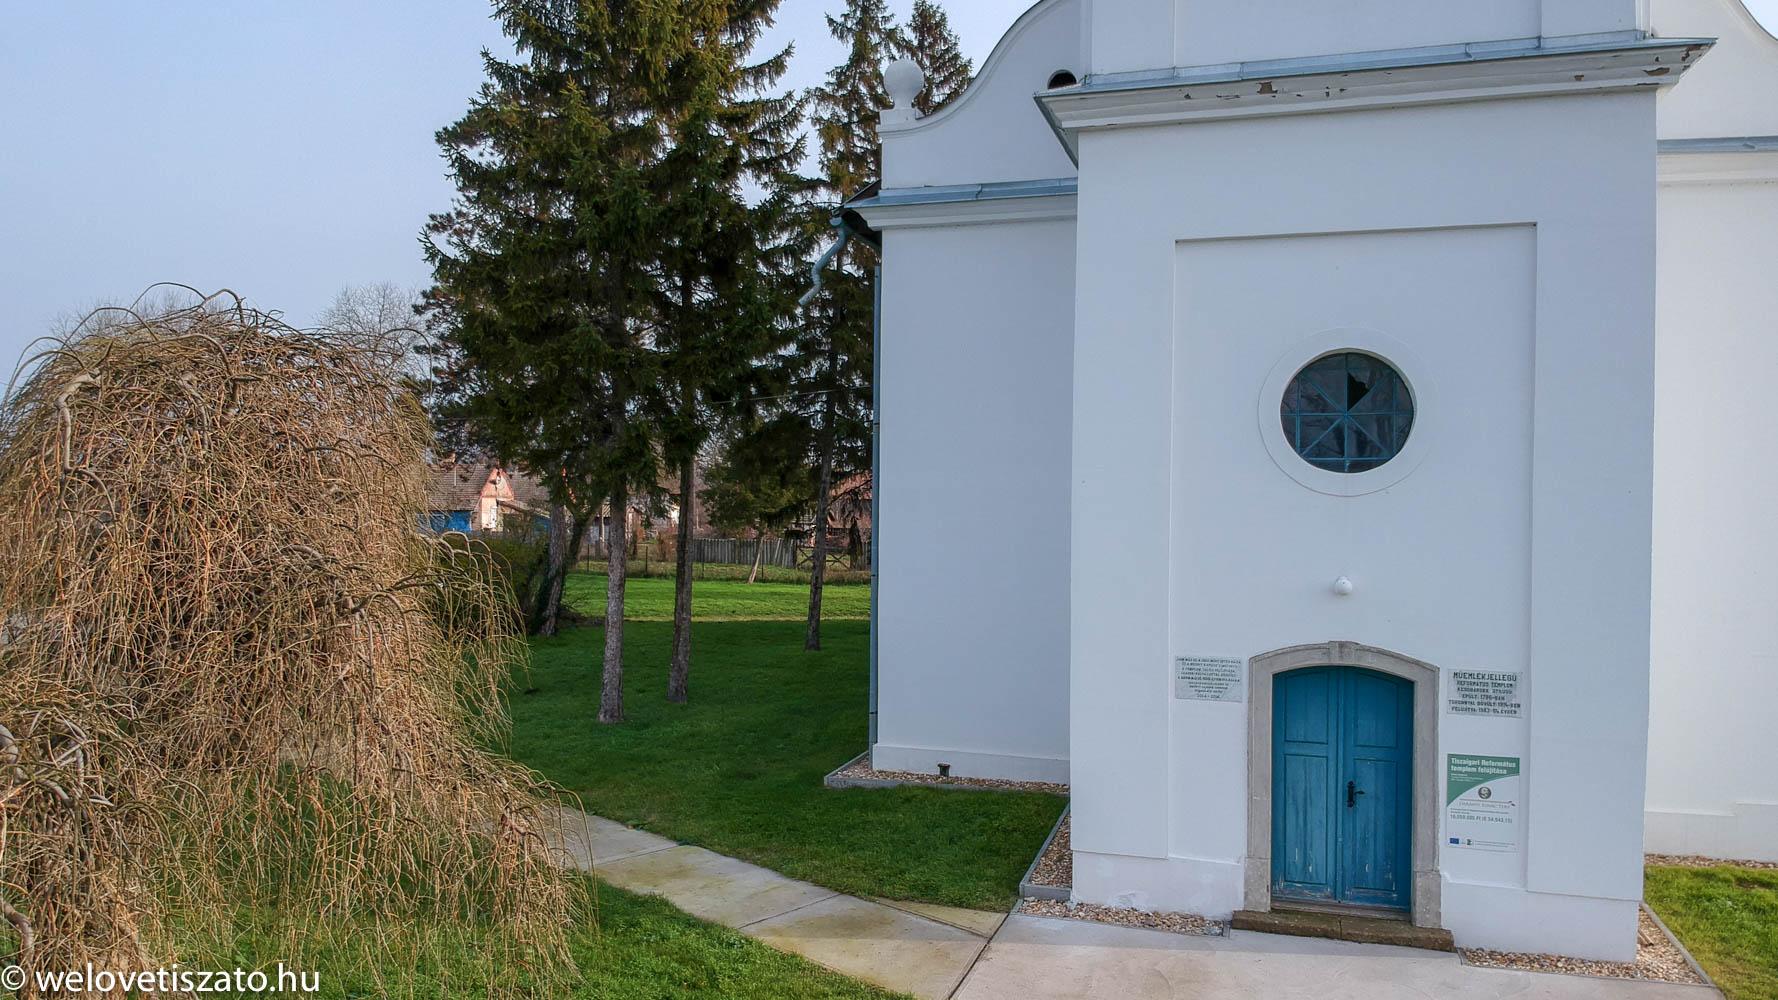 Tiszaigari református templom -felújított főbejárat